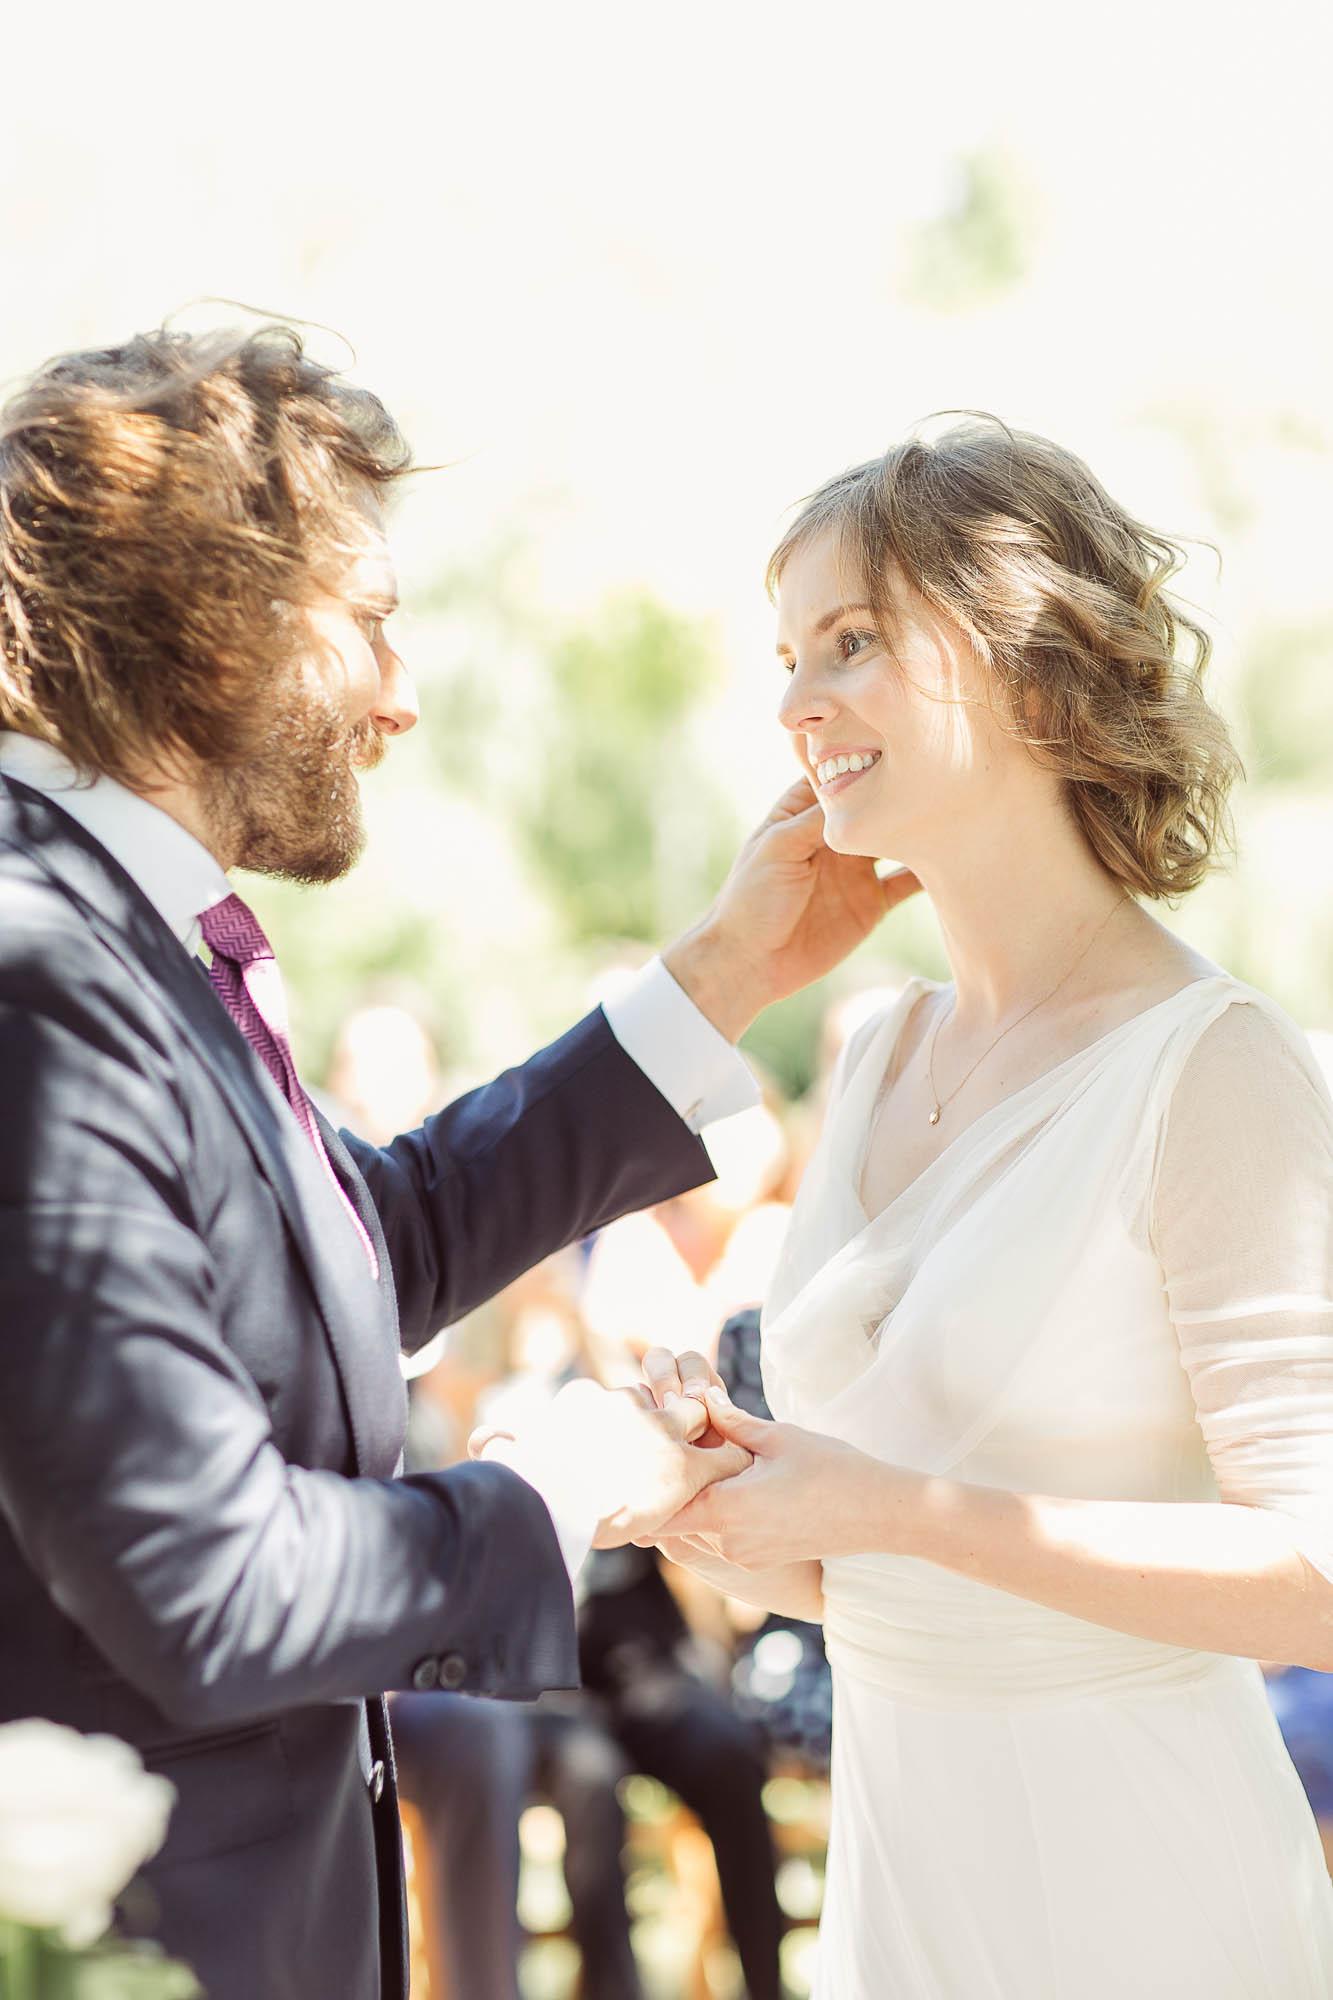 La novia poniéndole el anillo al novio mientras se miran a la cara